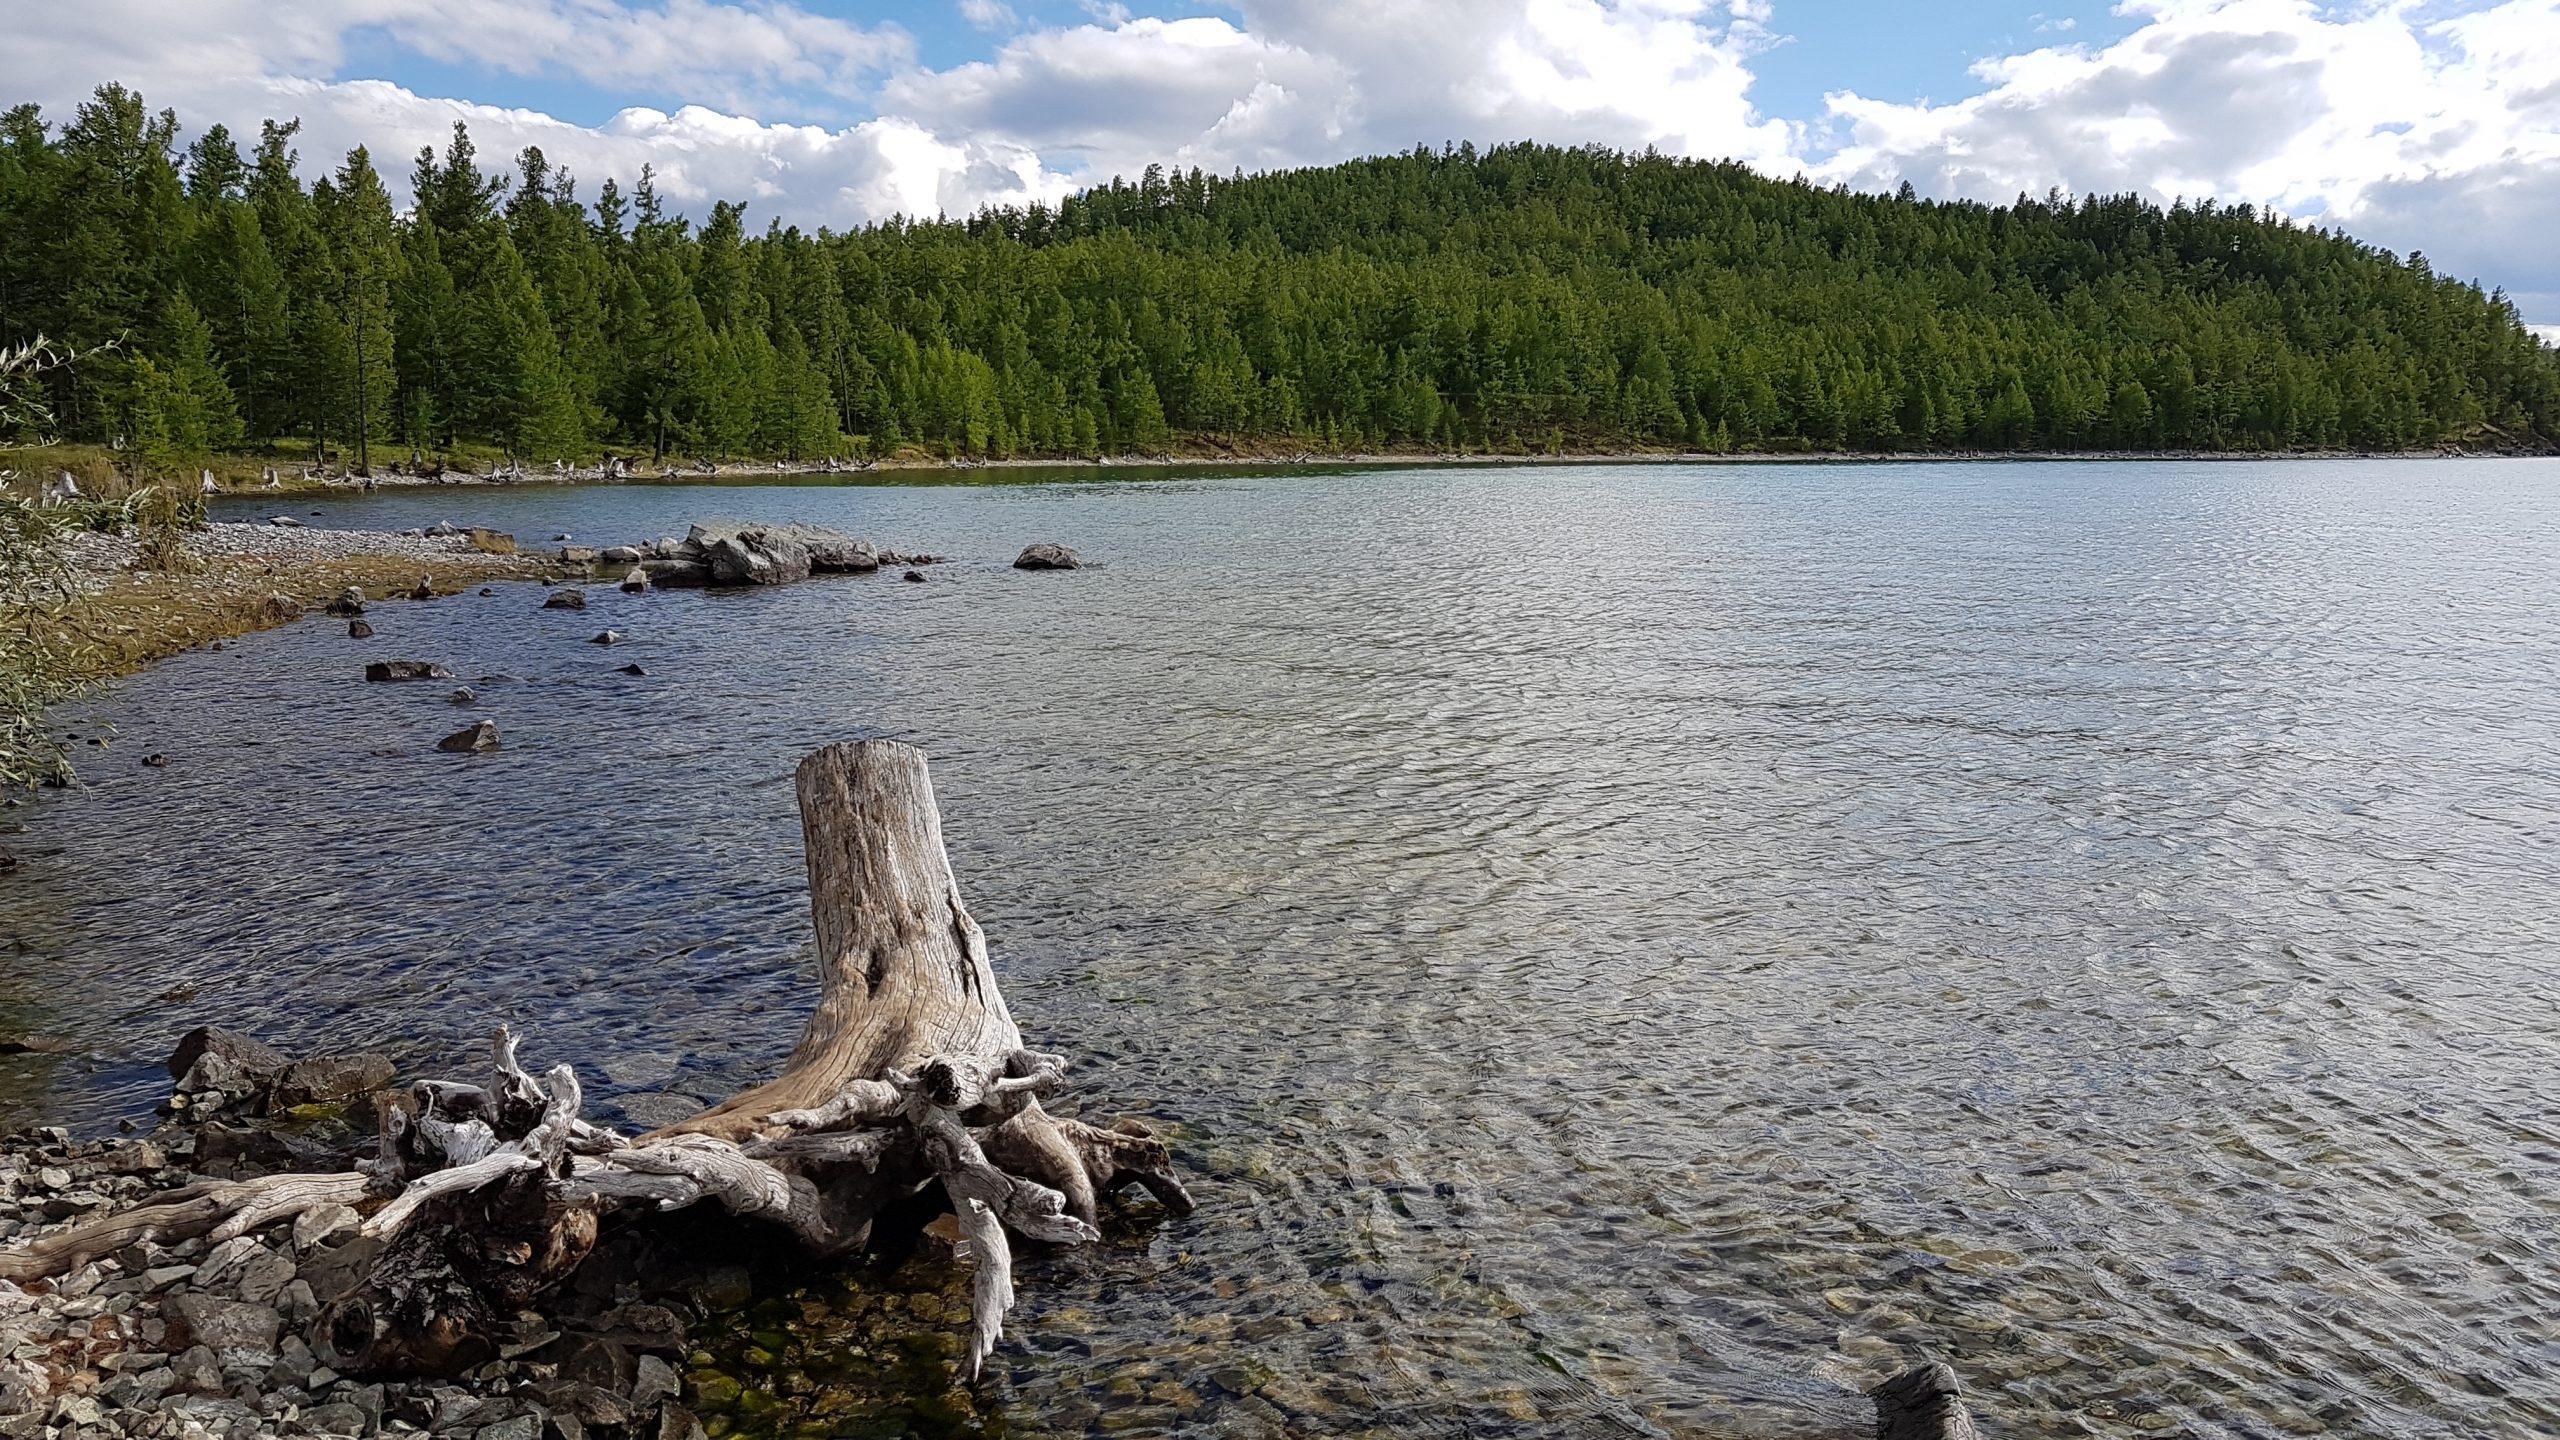 5 août : Lac Khövsgöl J2 (balade à pied et en bateau)